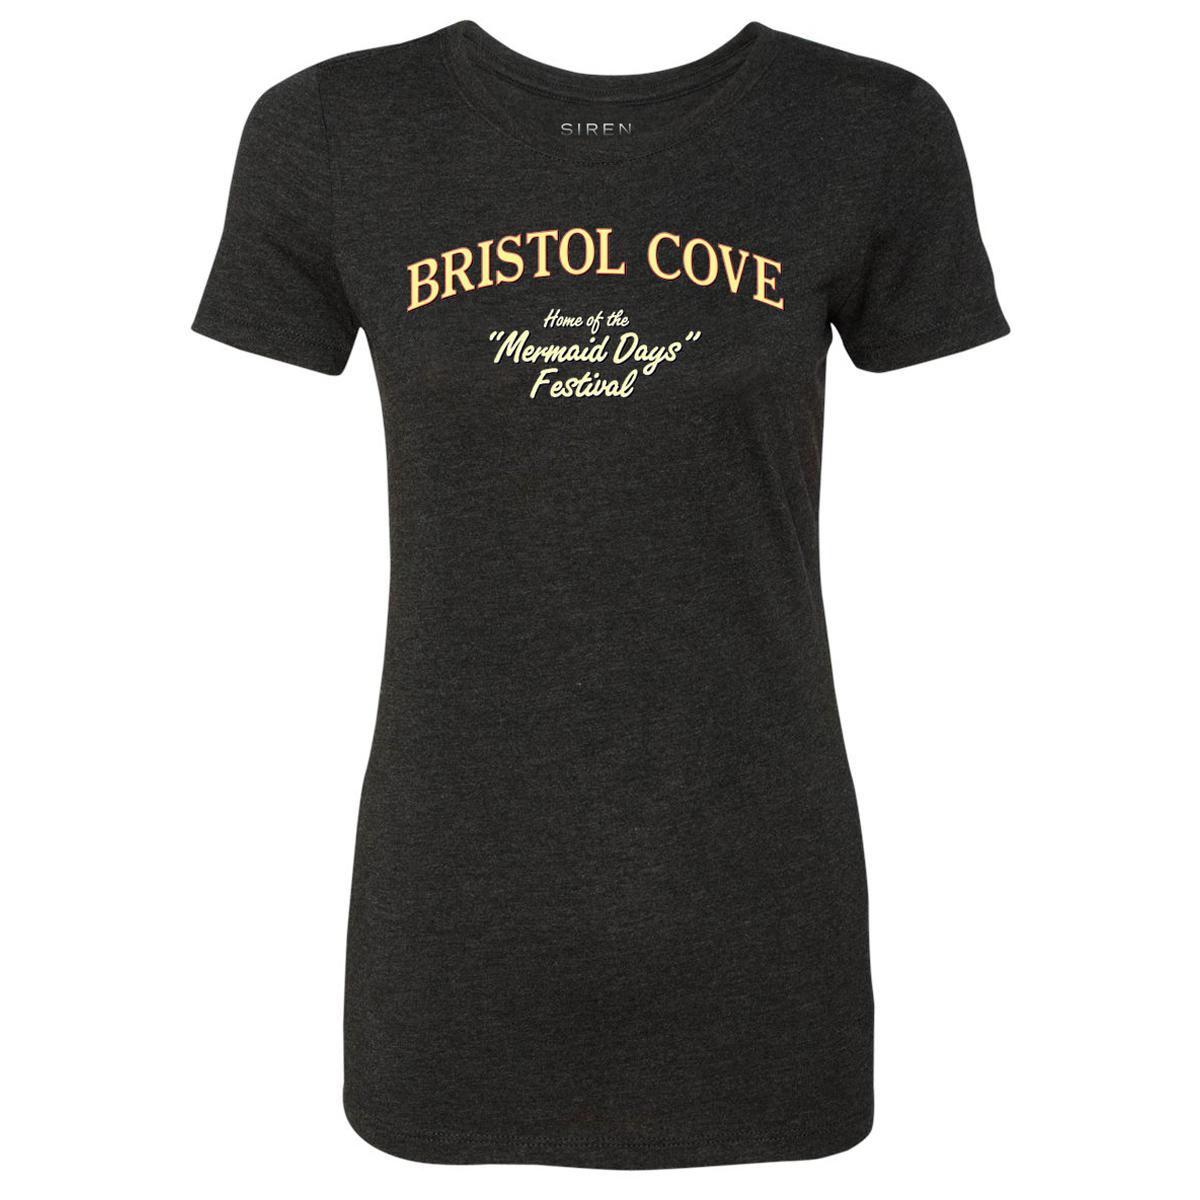 Siren Bristol Cove Women's T-Shirt